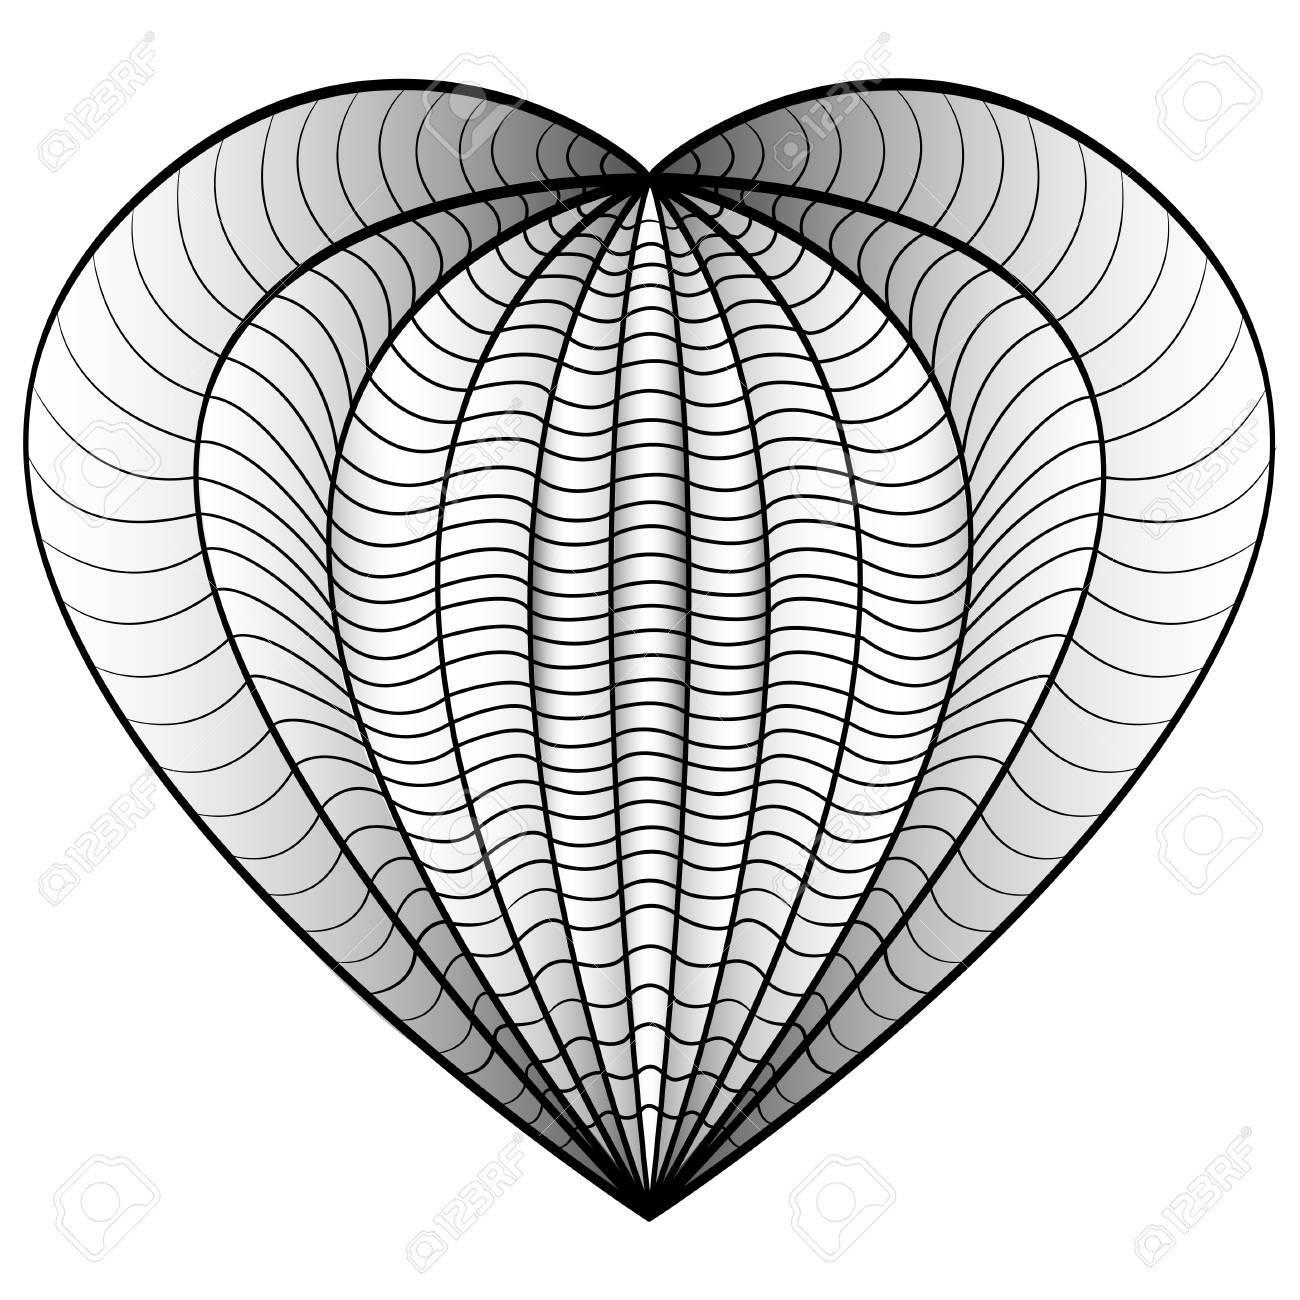 Coloriage Adulte A Imprimer Amour.Coeur D Amour Decoratif Vector Illustration Livre A Colorier Pour Les Adultes Et Les Enfants Plus Ages